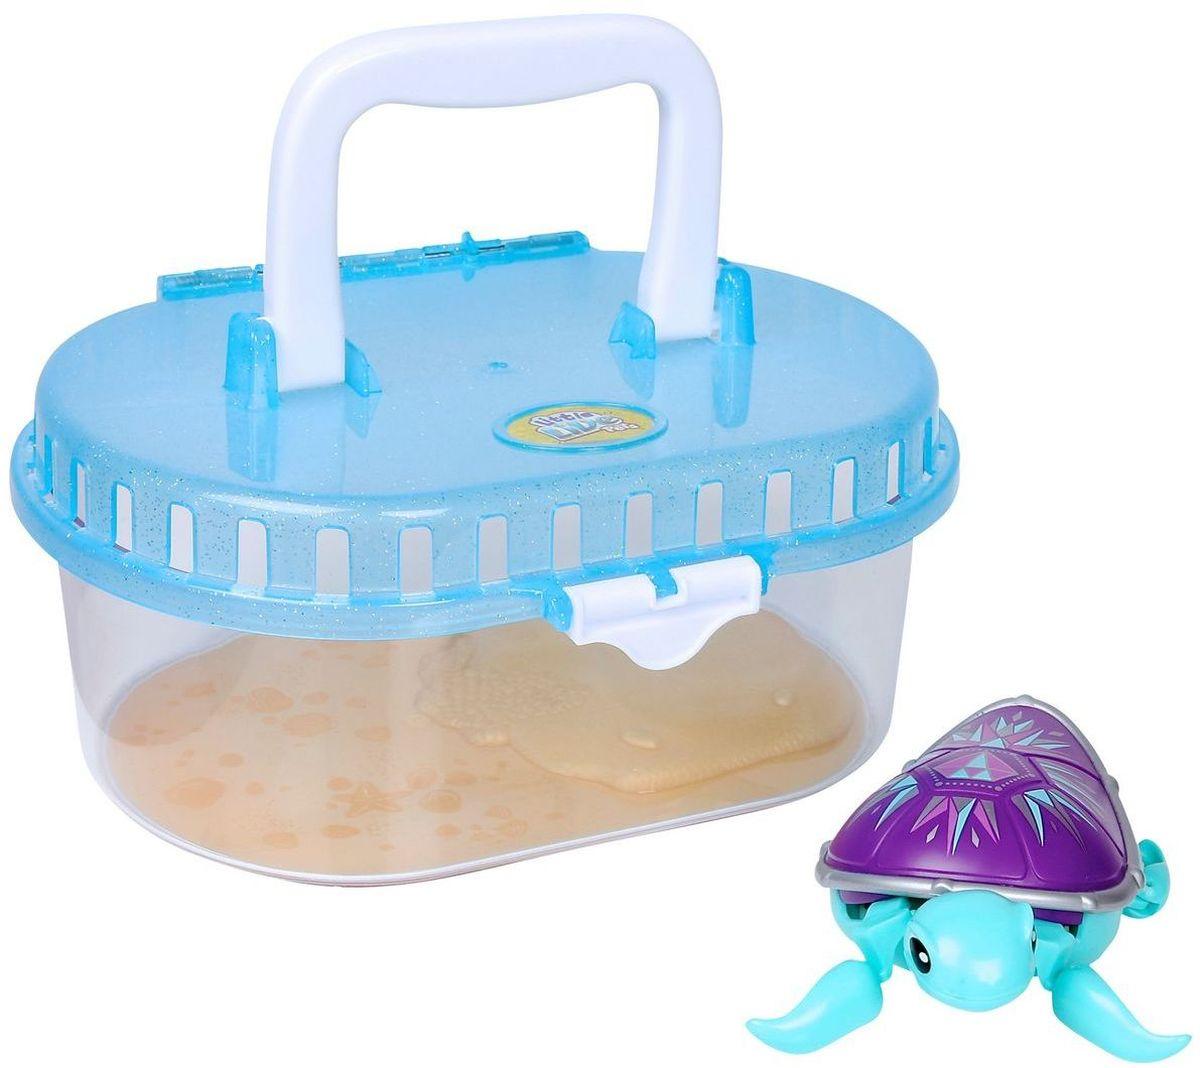 Moose Интерактивная игрушка Черепашка в аквариуме 2818228182Интерактивная игрушка Moose Черепашка в аквариуме без сомнения заинтригует детей, которые очень любят животных. Игрушка выполнена из прочных материалов и обладает интересным окрасом. От своих живых собратьев черепашка отличается яркой расцветкой. Голова и ласты выкрашены в голубой цвет, а ее фиолетовый панцирь украшен разнообразными рисунками. На брюшке черепахи находится кнопка для включения - выключения игрушки. Питомец отлично ползает по суше, а так же плавает в воде. При движении черепашка передвигает ластами и шевелит головой словно настоящая. В комплекте с черепашкой идет специальная коробка с ручкой. Ее можно использовать для переноски питомца или же, как аквариум. Дно коробки имитирует берег и песчаное дно. Оно не пропускает воду. Купание с таким питомцем обязательно вызовет у ребенка неподдельный восторг, даже нелюбимое занятие как мытье головы пройдет незамеченным. Для работы понадобится батарейка типа ААА (в комплект не входит).